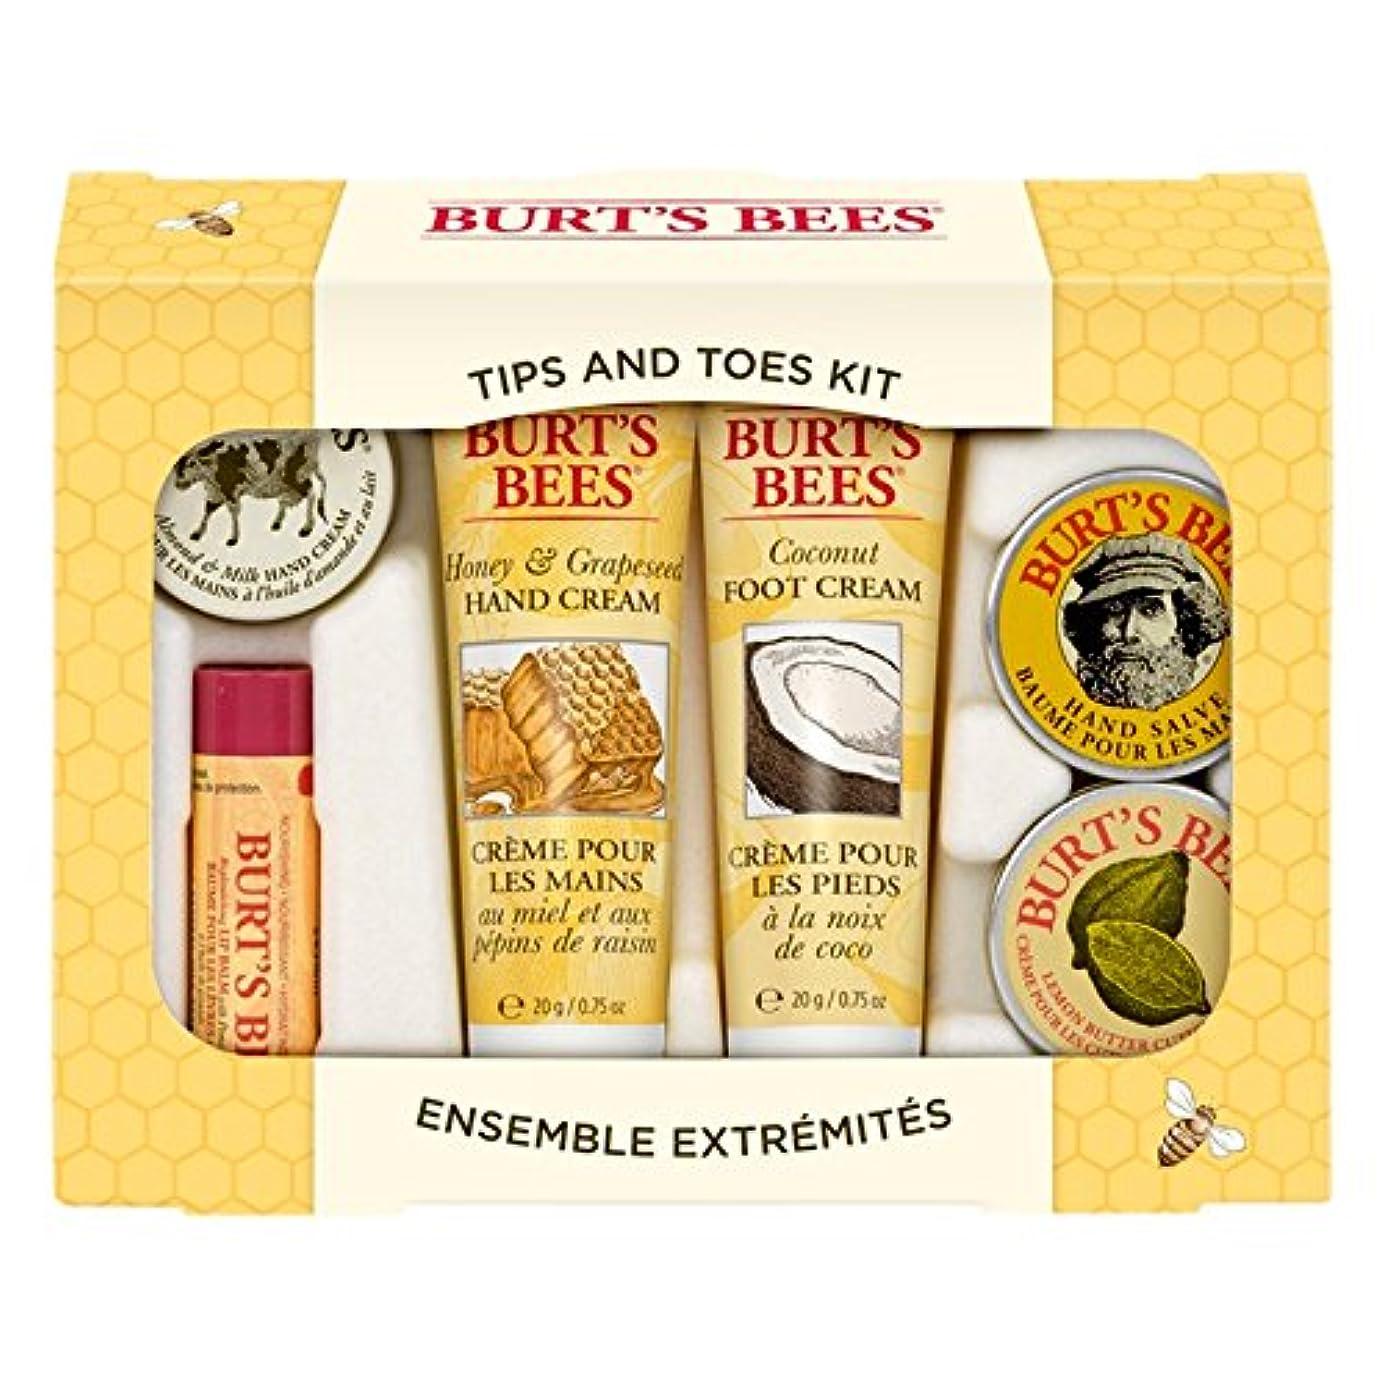 責めファウル視聴者バーツビーのヒントとつま先はスターターキットをスキンケア (Burt's Bees) (x6) - Burt's Bees Tips And Toes Skincare Starter Kit (Pack of 6) [...